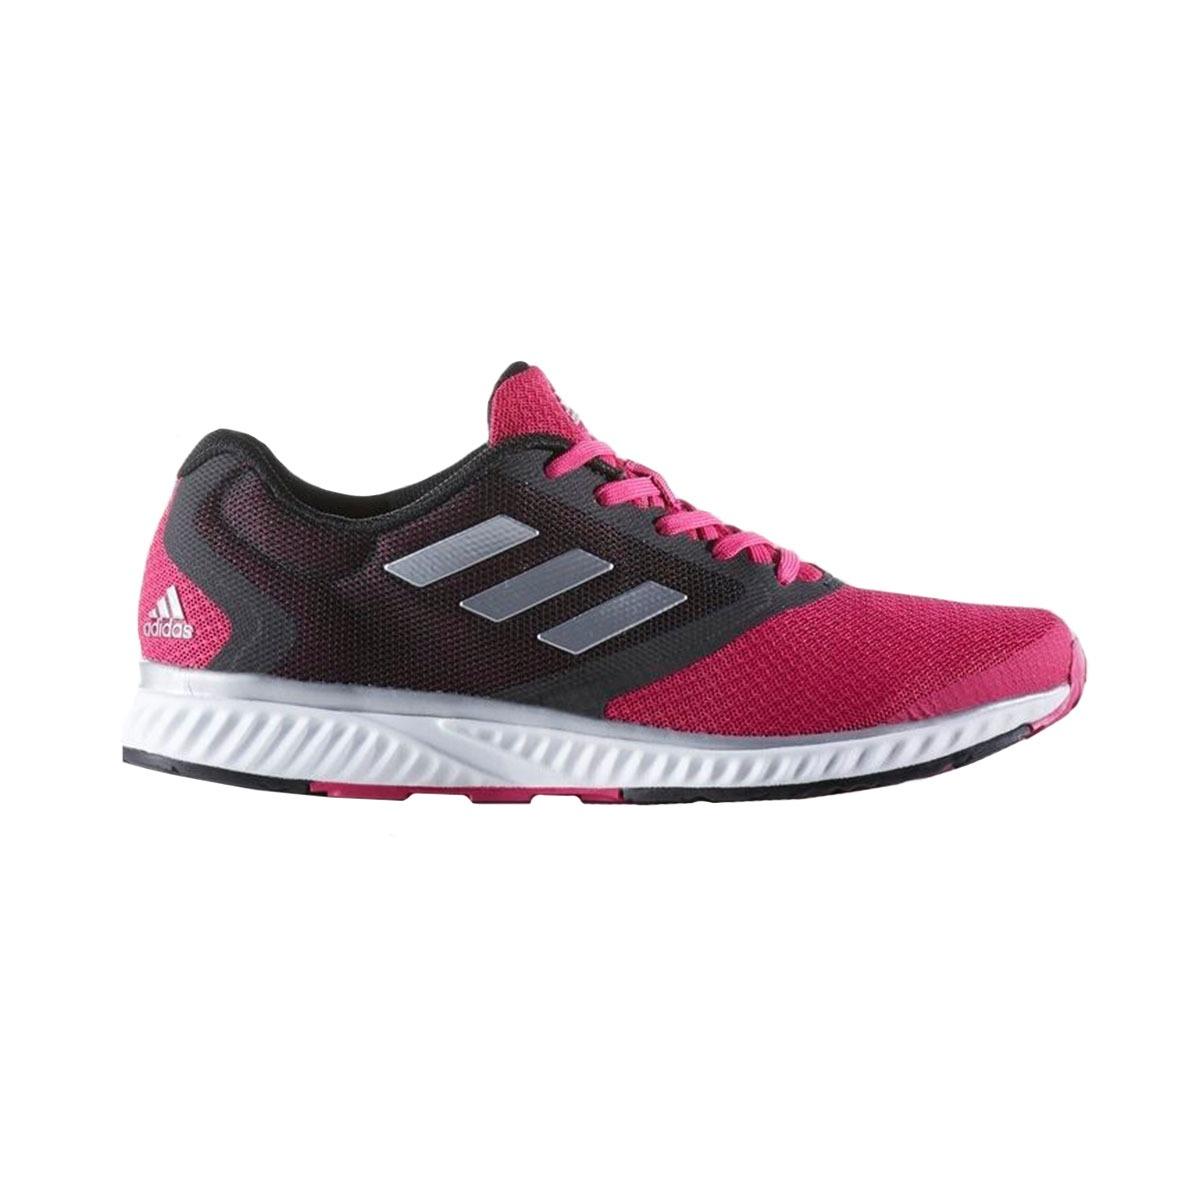 bfe22881e55b9 Calzado De Mujer Para Correr adidas Edge Rc W - $ 199.900 en Mercado ...